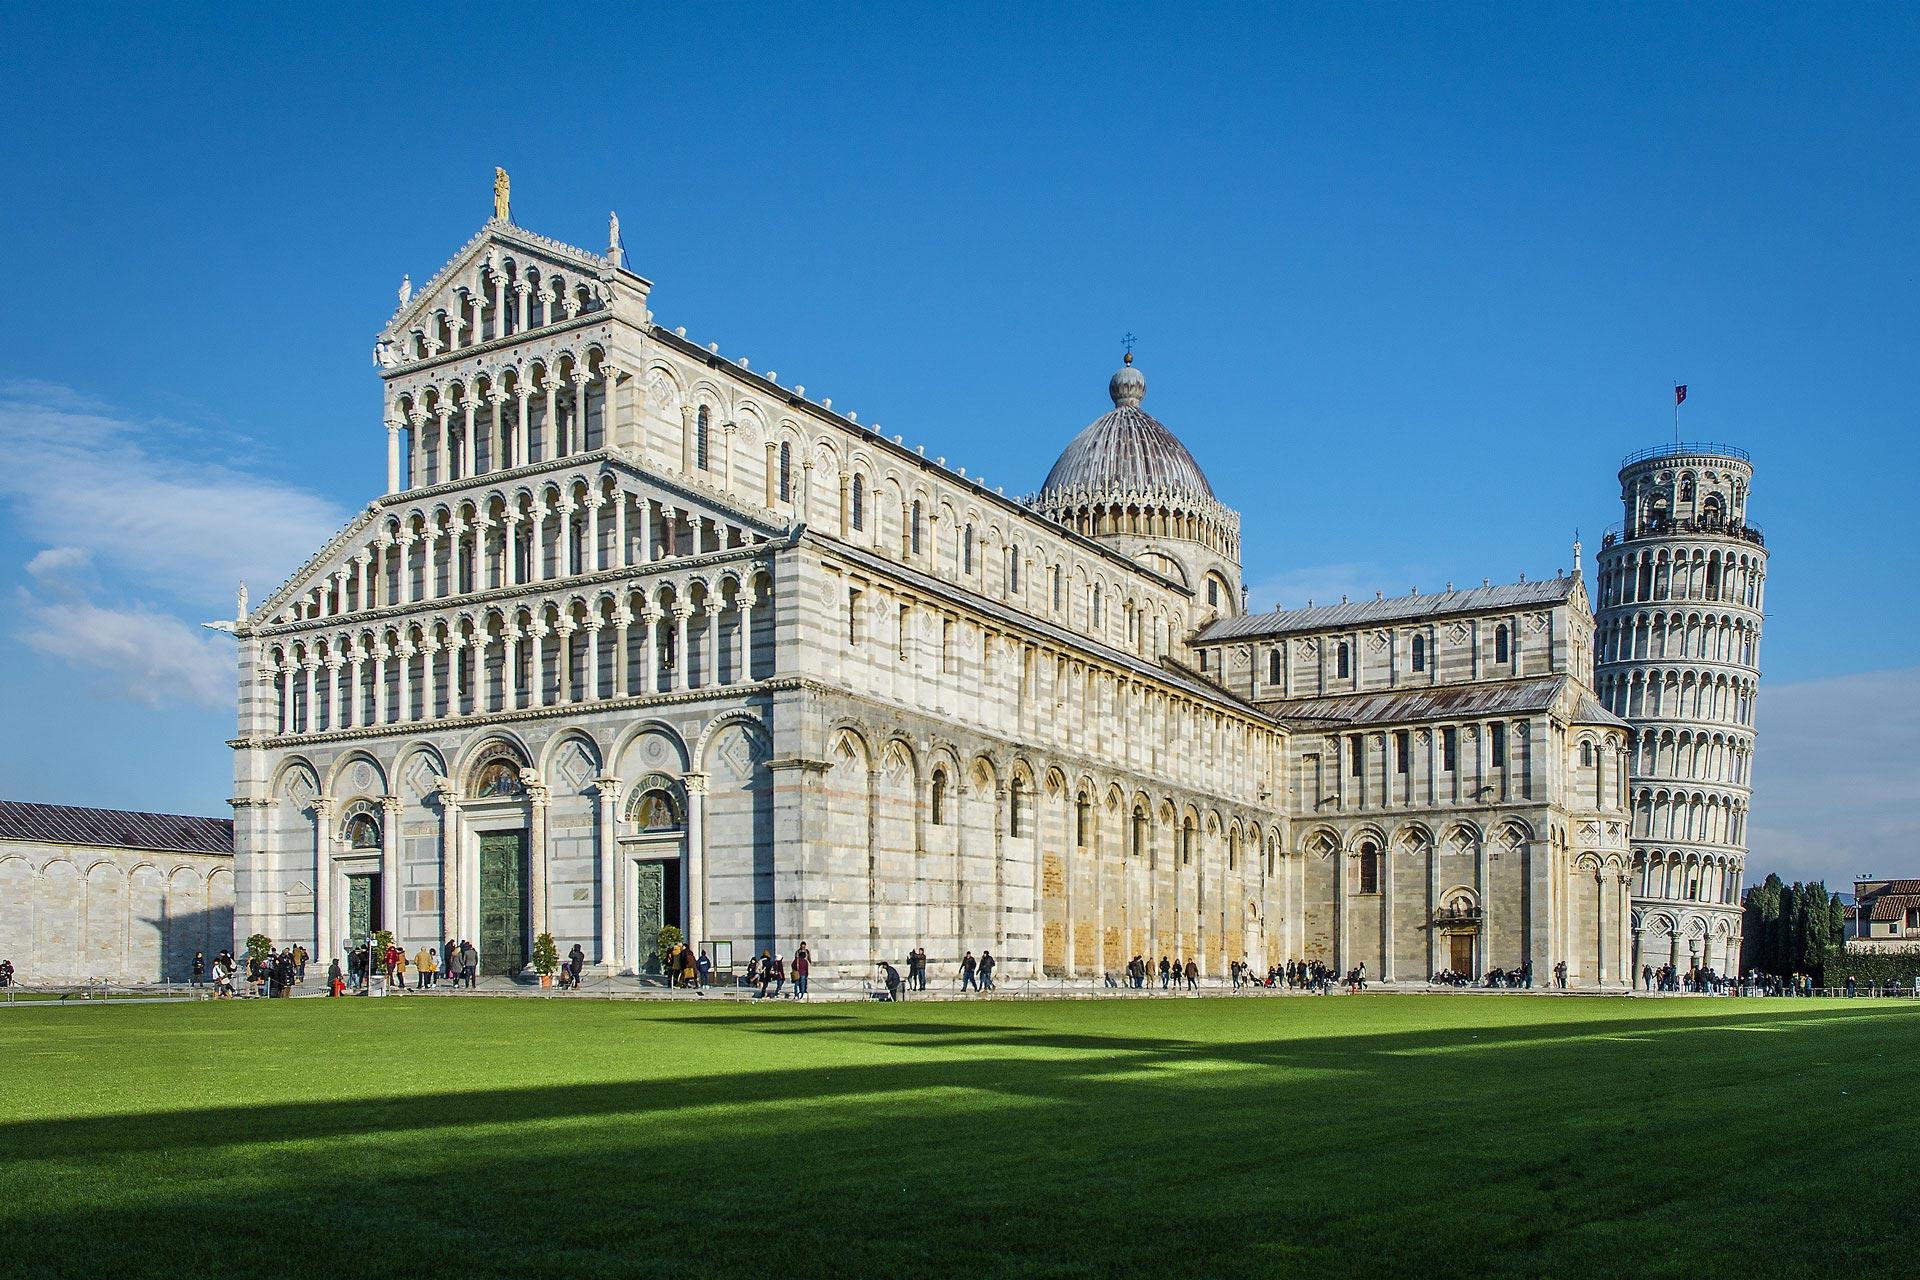 Paesaggi-Italia - DSC 6021 - Piazza-del-campo-Pisa - Piazza-del-campo-Pisa